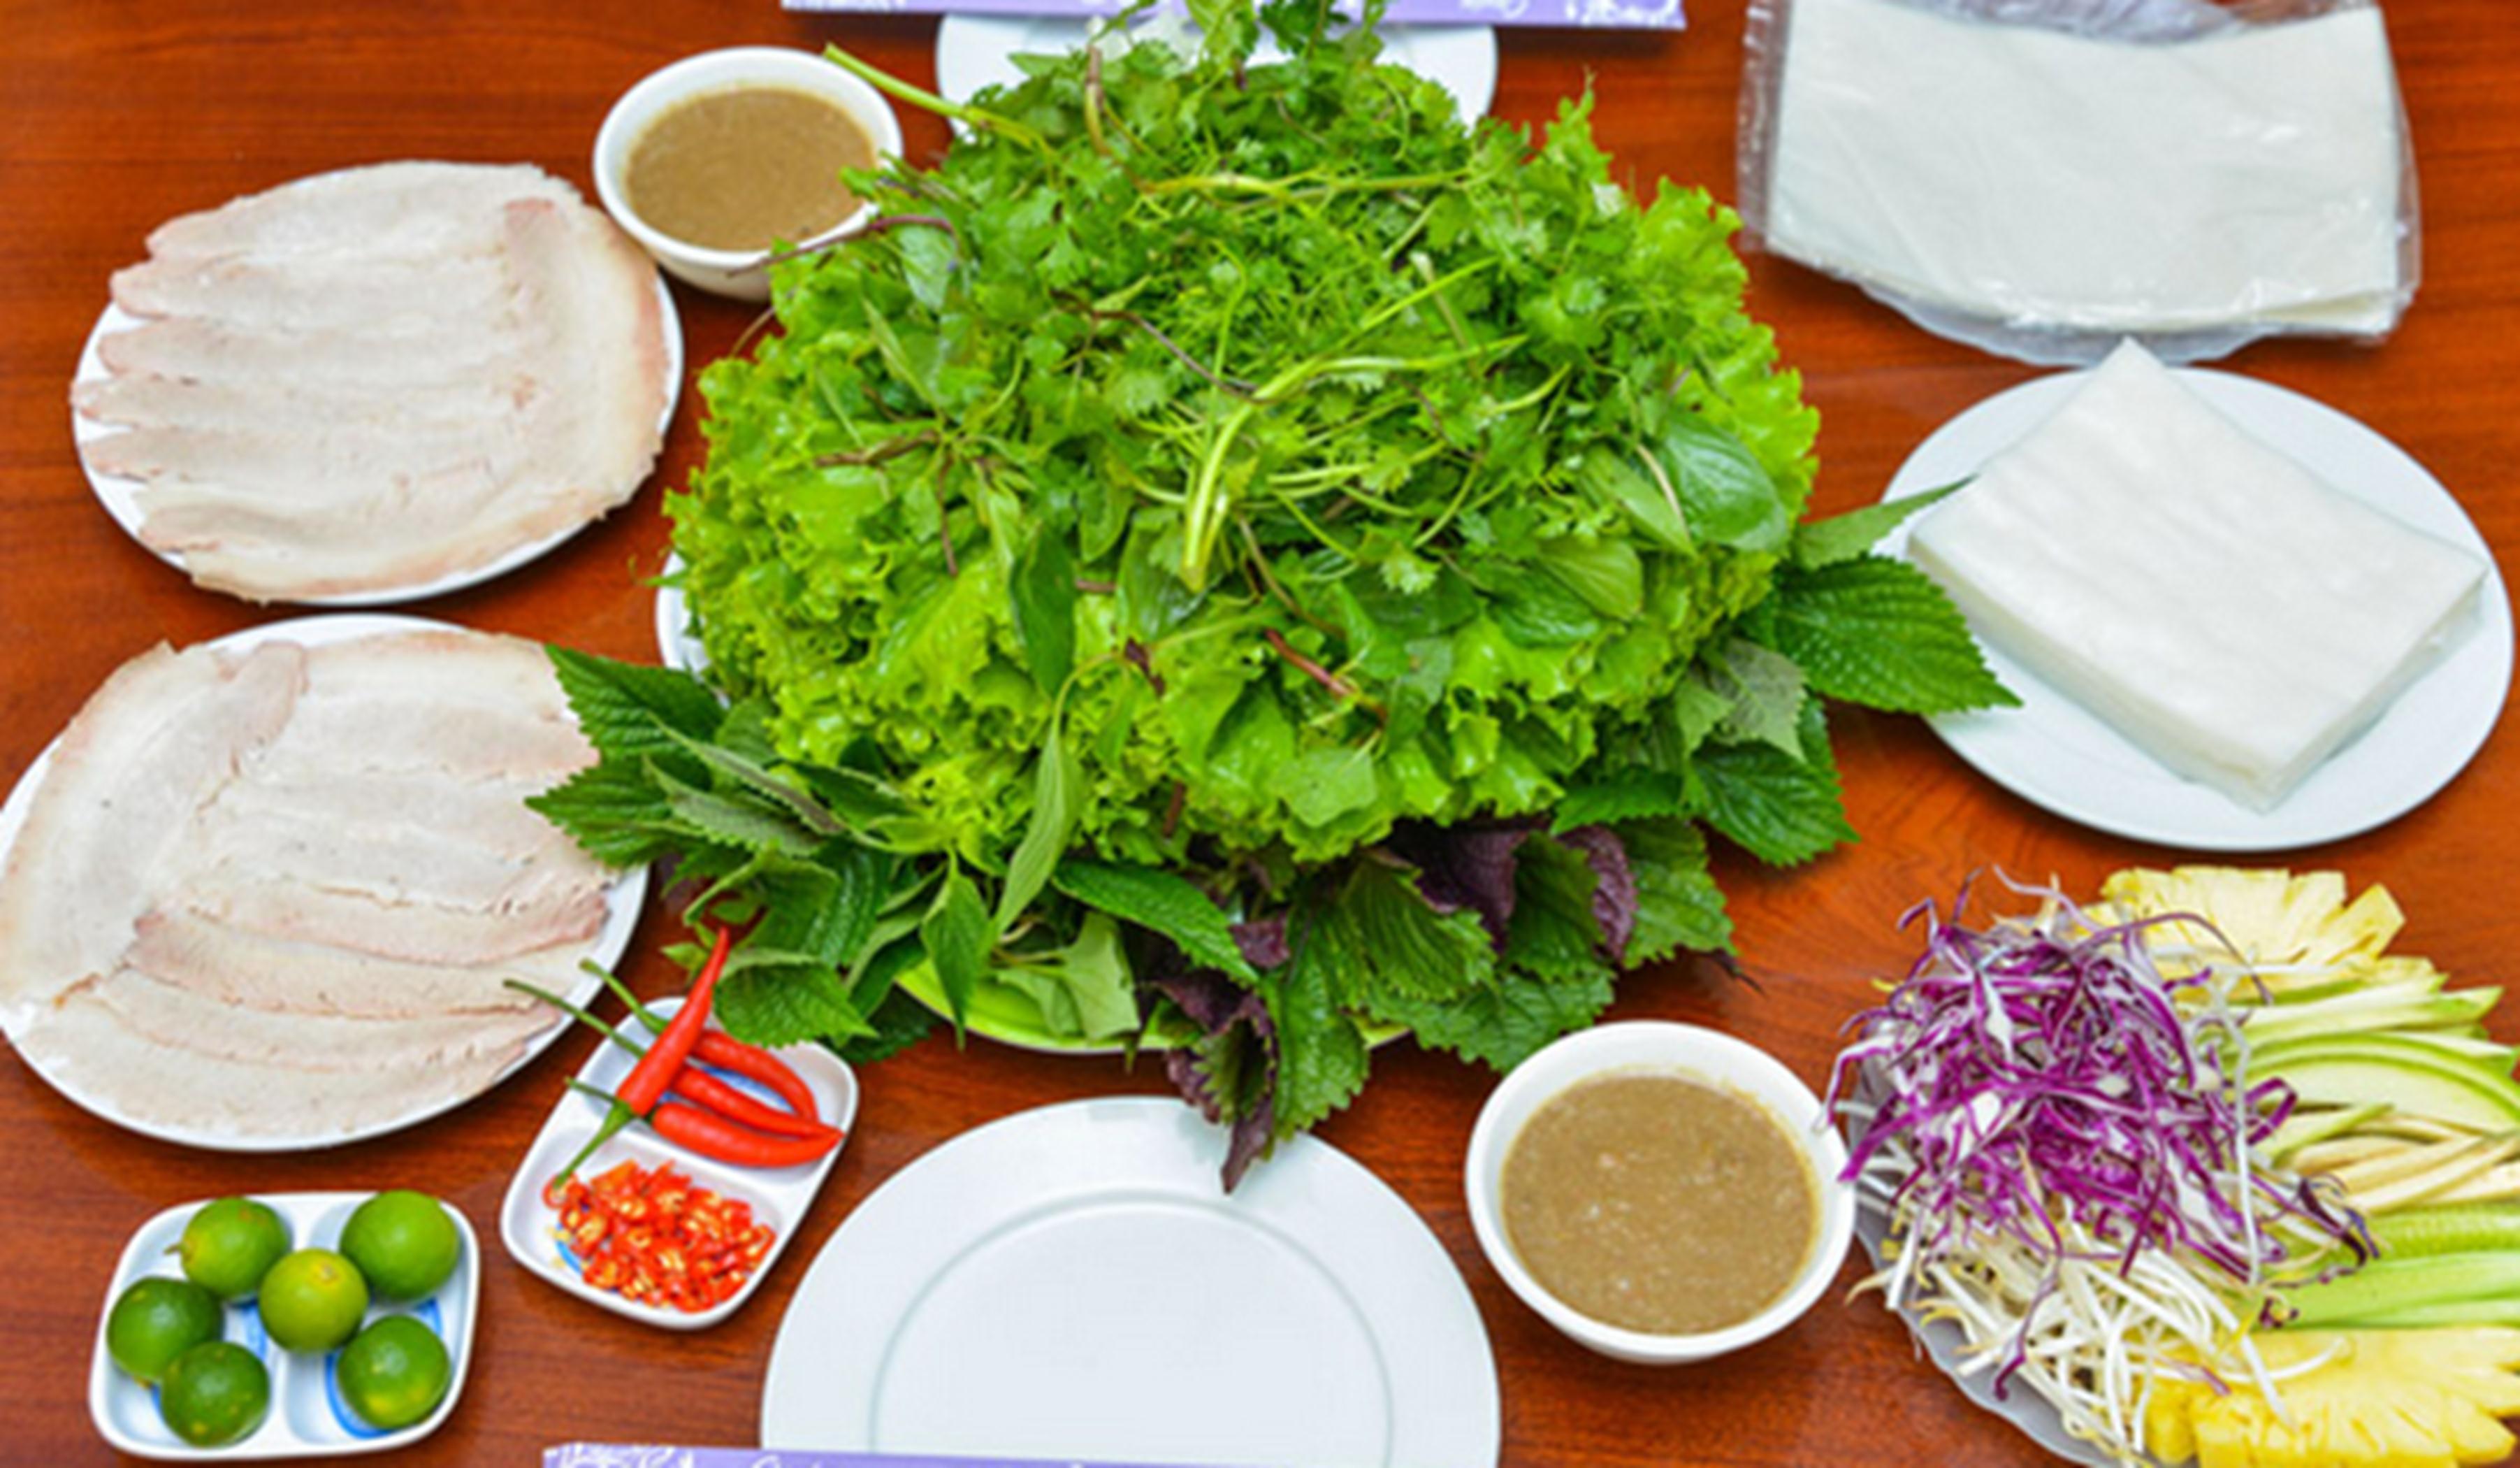 nhung-mon-ngon-khong-the-cuong-lai-sau-ky-nghi-tet-nguyen-dan-6